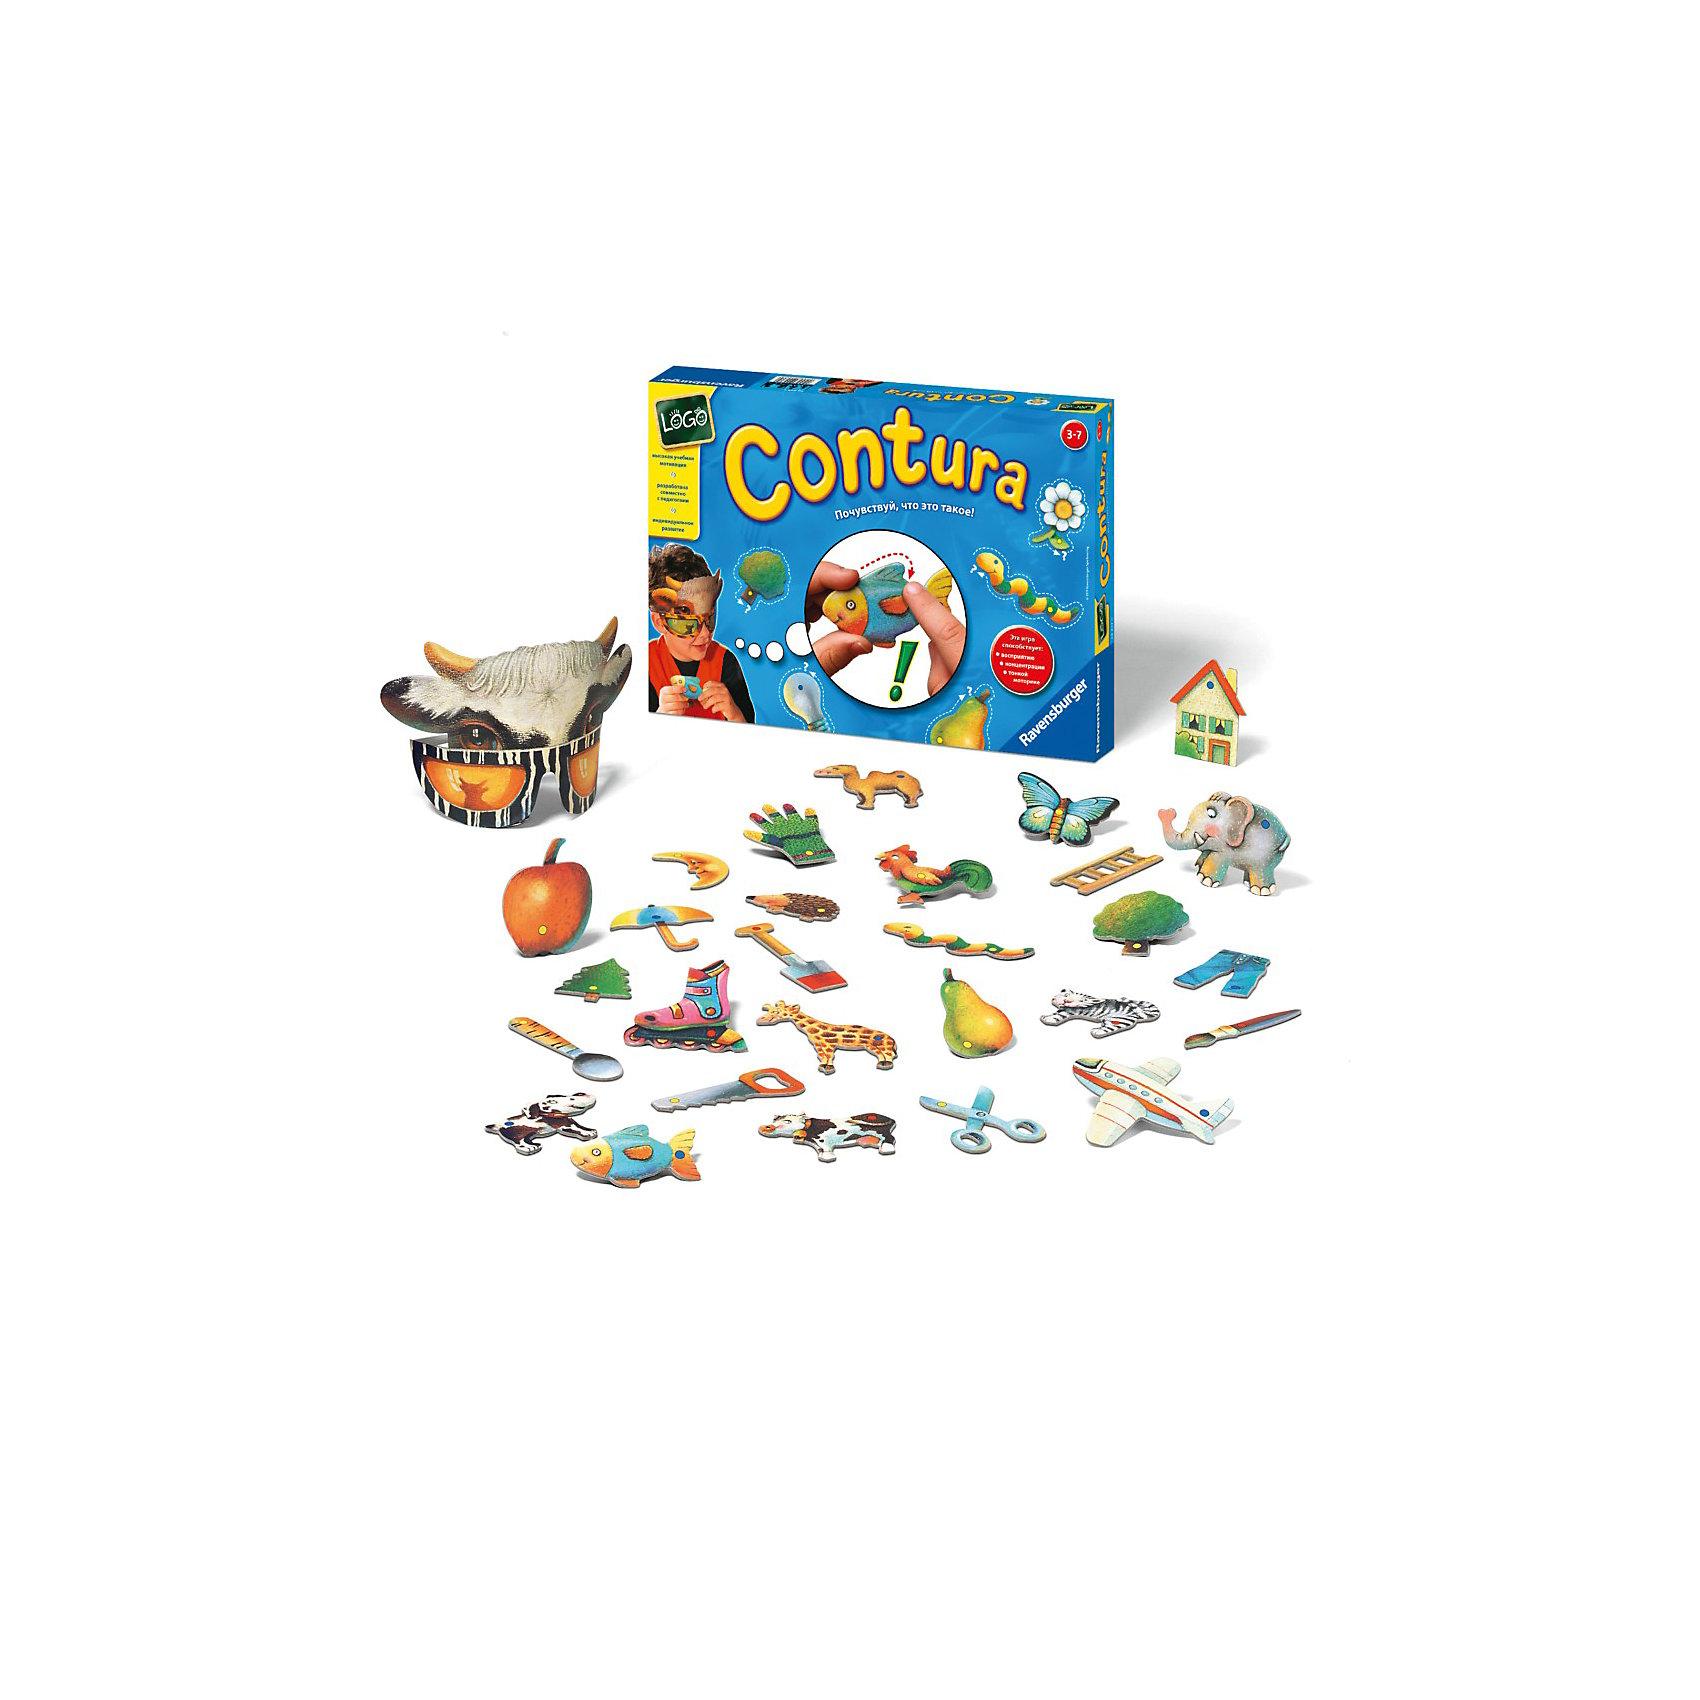 Настольная игра Контуры, RavensburgerИгры для дошкольников<br>Настольная игра Контуры (Contura) от Ravensburger - почувствуй, что это такое!<br><br>Контуры (Contura) - это классическая игра с множеством игровых возможностей, как для одного игрока, так и для нескольких. Она требует концентрации, внимания и способствует развитию мелкой моторики рук!<br><br>Правила игры:<br><br>Игроки по очереди надевают маски и пытаются по контуру фигурки определить, что это такое. Выигрывает игрок, отгадавший больше всего фигур.<br><br>Также возможны другие вариации:<br><br>- Лото. Игрокам раздаются таблички. Ведущий вытаскивает из коробки фигурки, и участник, к чьей табличке подходит выпавшая фигурка, забирает ее.<br>- Лото на ощупь. Задача та же, что и в предыдущей версии лото, только теперь фигурки надо угадывать с закрытыми глазами на ощупь.<br><br>Фигуры также можно использовать как трафареты.<br>Игра выполнена из плотного высококачественного картона и прослужит Вам долго.<br><br><br>Дополнительная информация:<br><br>В комплекте:<br>- две маски<br>- 40 фигур из плотного картона.<br><br>Количество игроков: 1-4.<br><br>Ширина мм: 330<br>Глубина мм: 225<br>Высота мм: 50<br>Вес г: 700<br>Возраст от месяцев: 36<br>Возраст до месяцев: 84<br>Пол: Унисекс<br>Возраст: Детский<br>SKU: 2206779